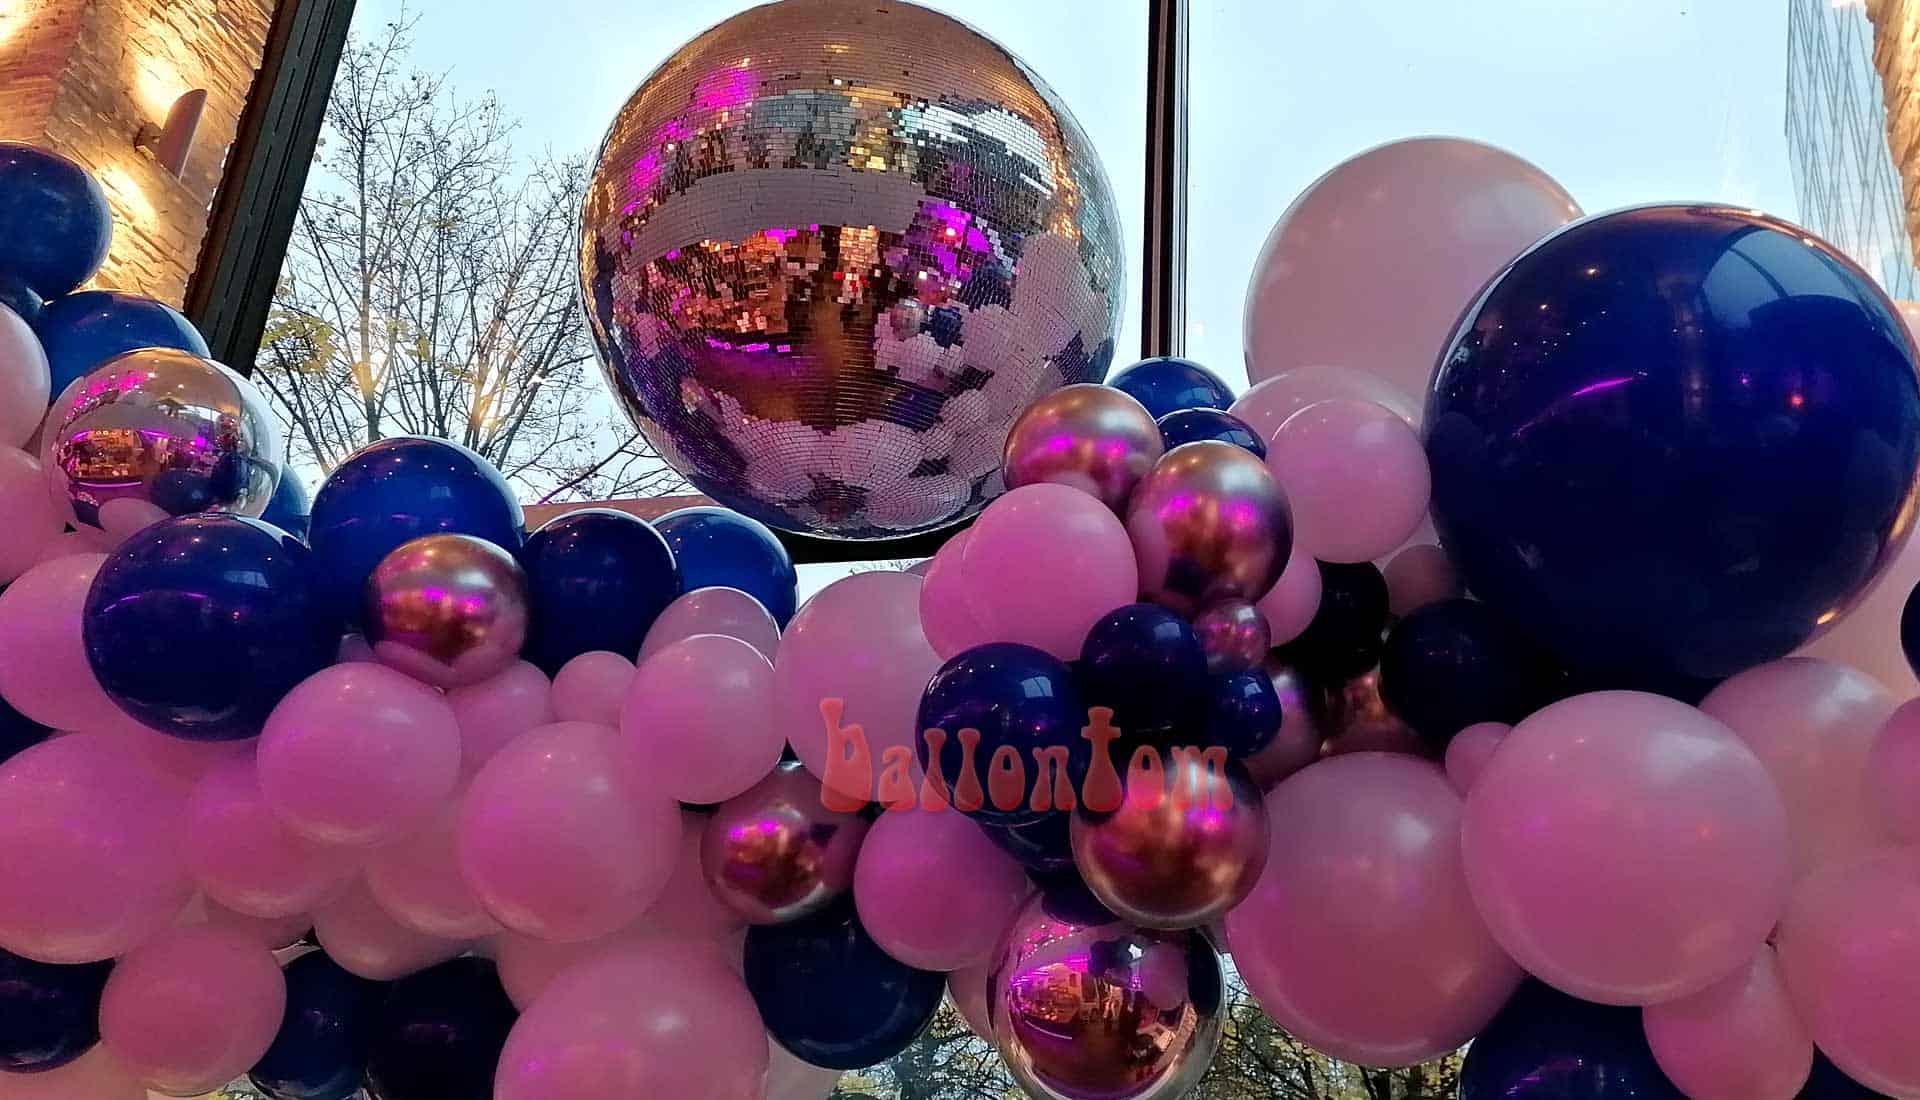 Organic-Ballon-Dekoration für ein Mitarbeiterfest in der Stiglerie in München -  Projekt + Durchführung von ballontom